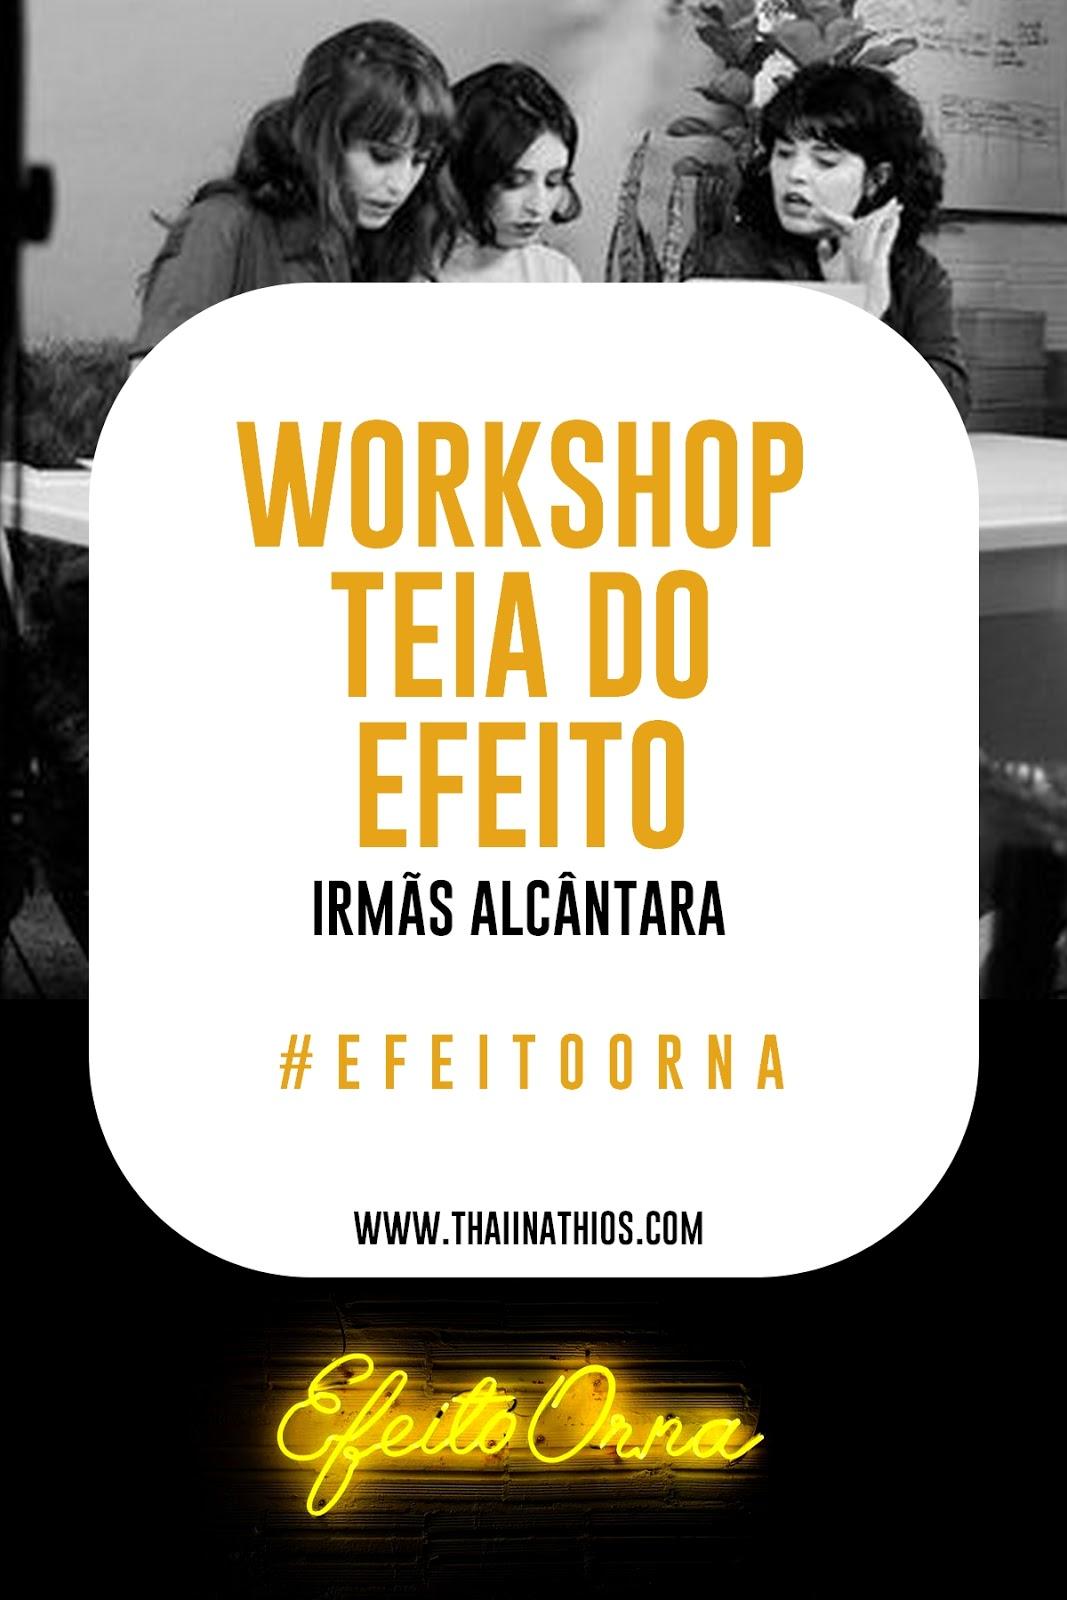 Efeito Orna | Workshop Teia do Efeito